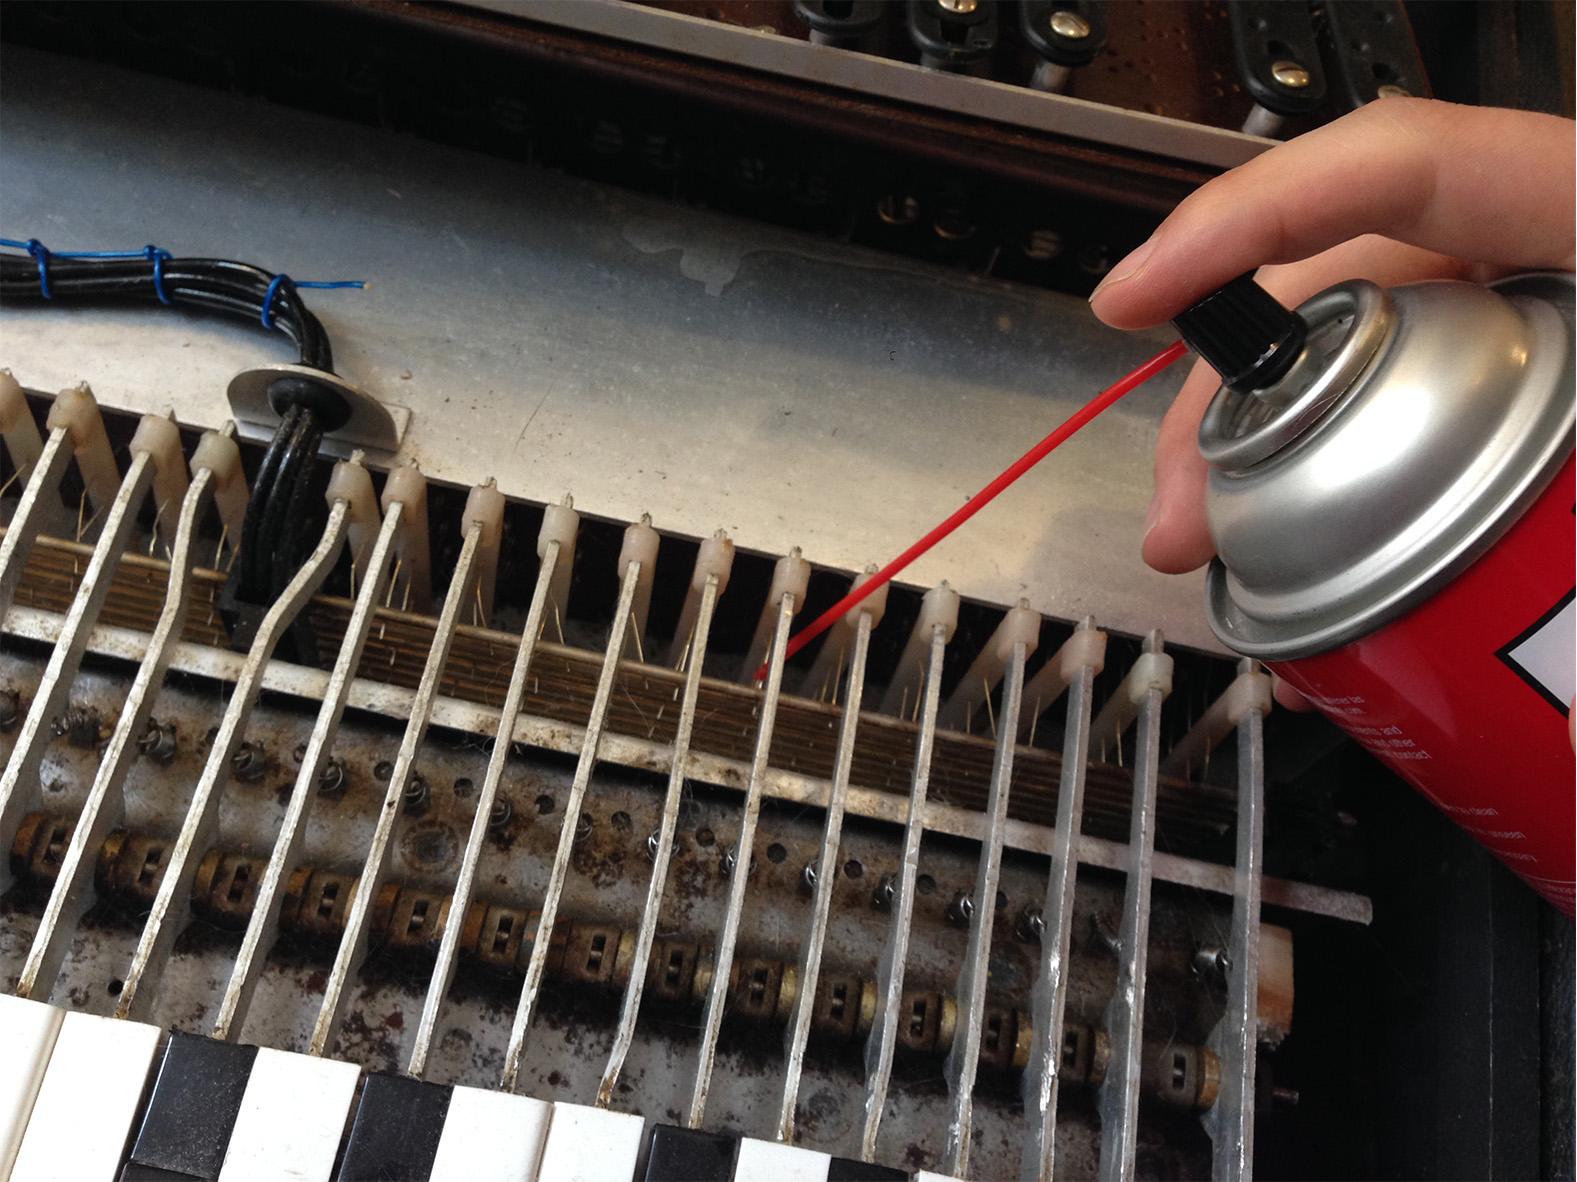 DIY Vintage Organ Repairs: Common Problems Beginners Can